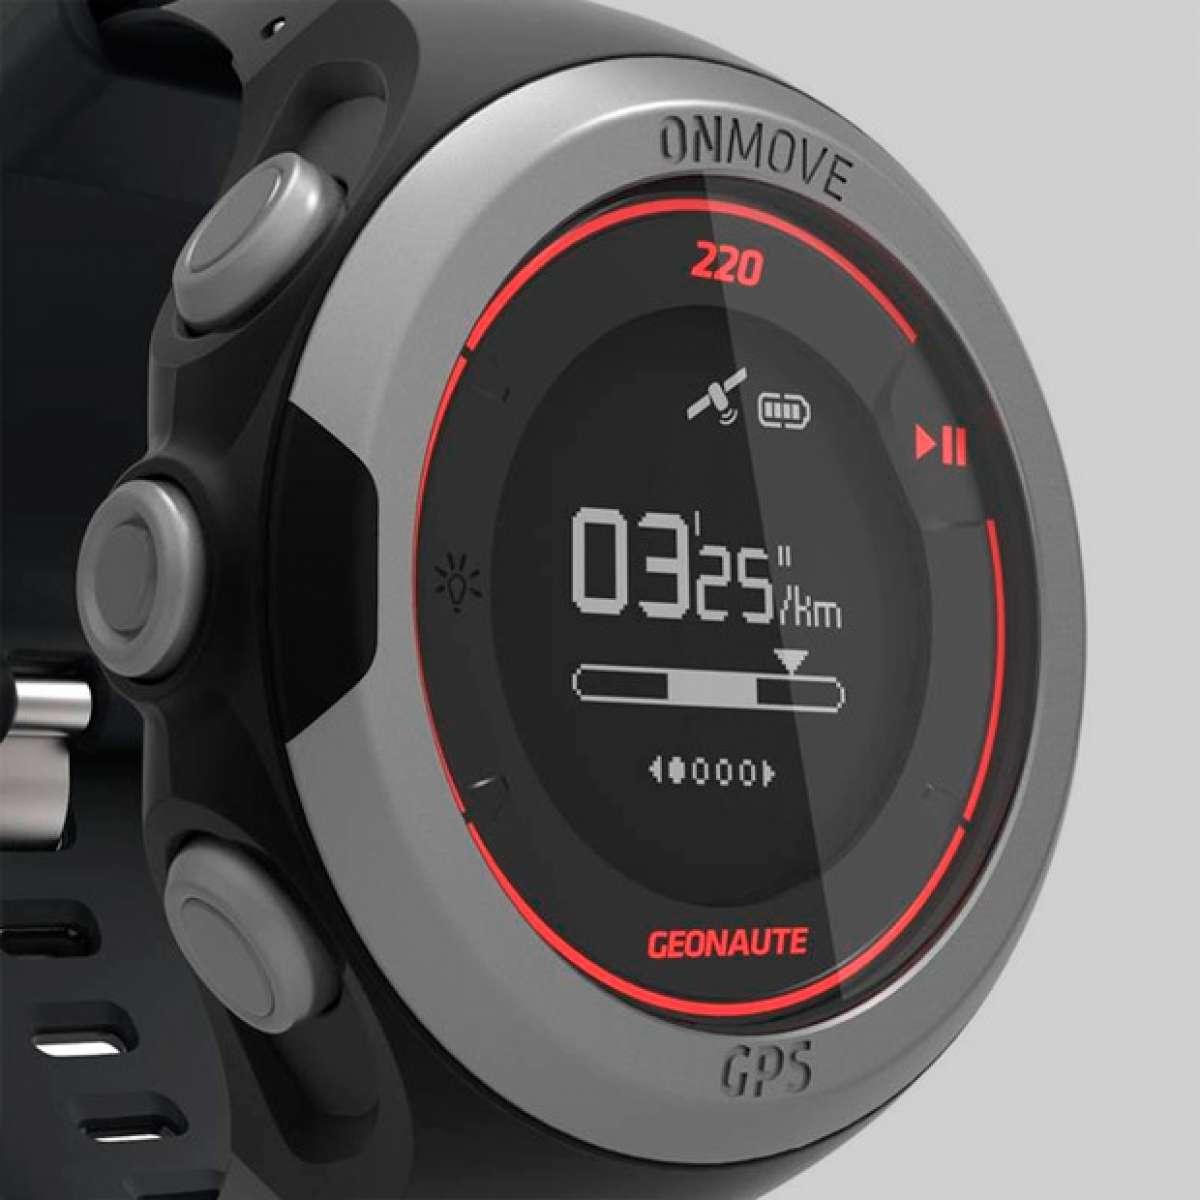 En TodoMountainBike: Geonaute ONmove 220, un reloj GPS ideal para iniciarse en el análisis de datos de entrenamiento